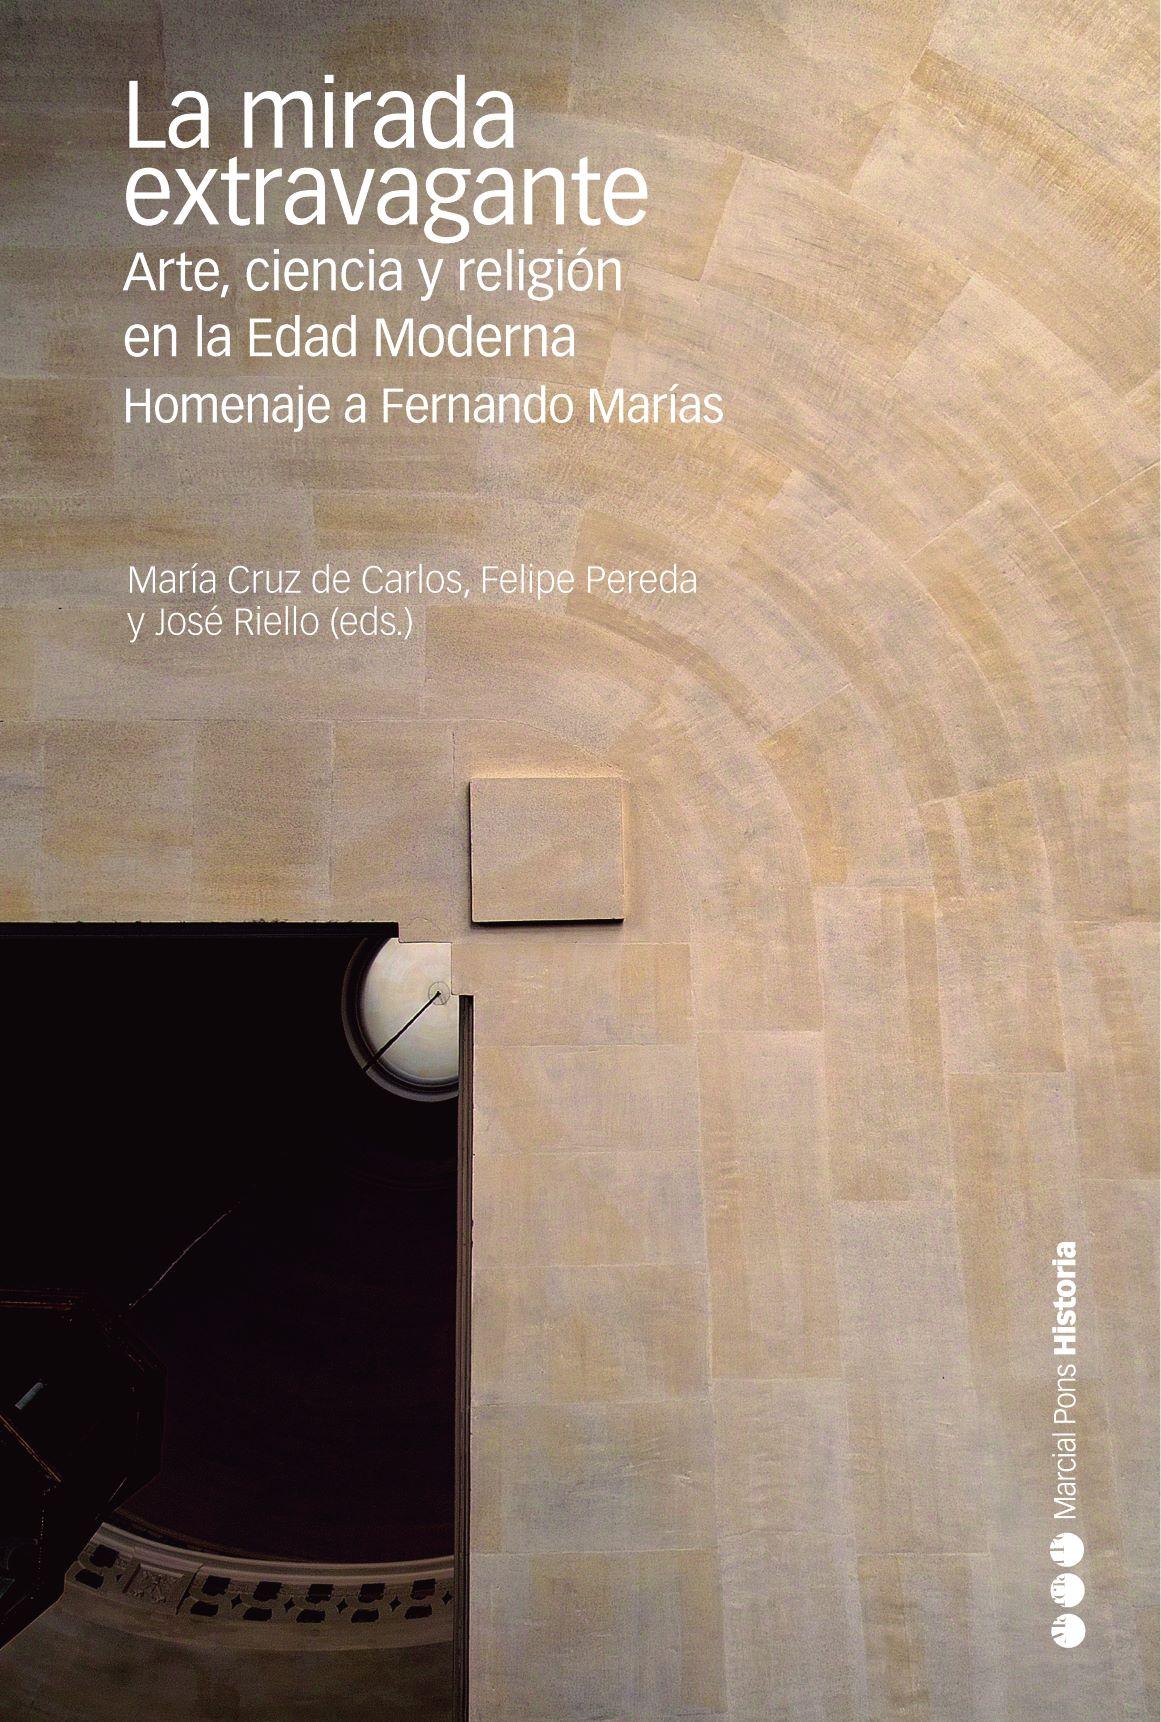 La mirada extravagante   «Arte, ciencia y religión en la Edad Moderna. Homenaje a Fernando Marías»